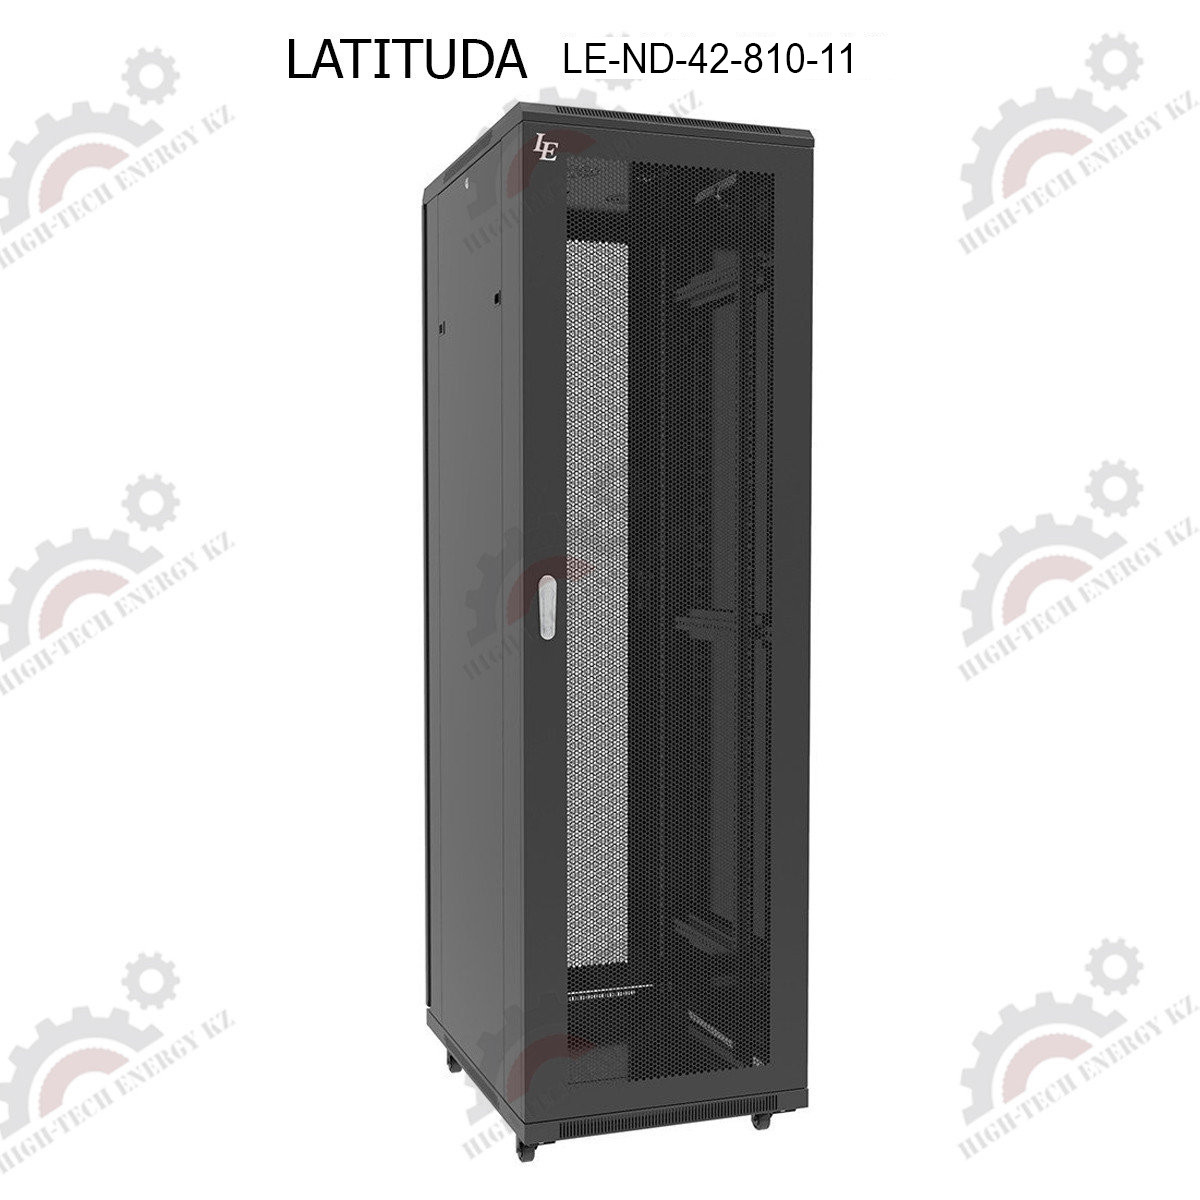 Шкаф серверный напольный LATITUDA 42U, 800*1000*1958мм, передняя дверь перфорированная одностворчатая